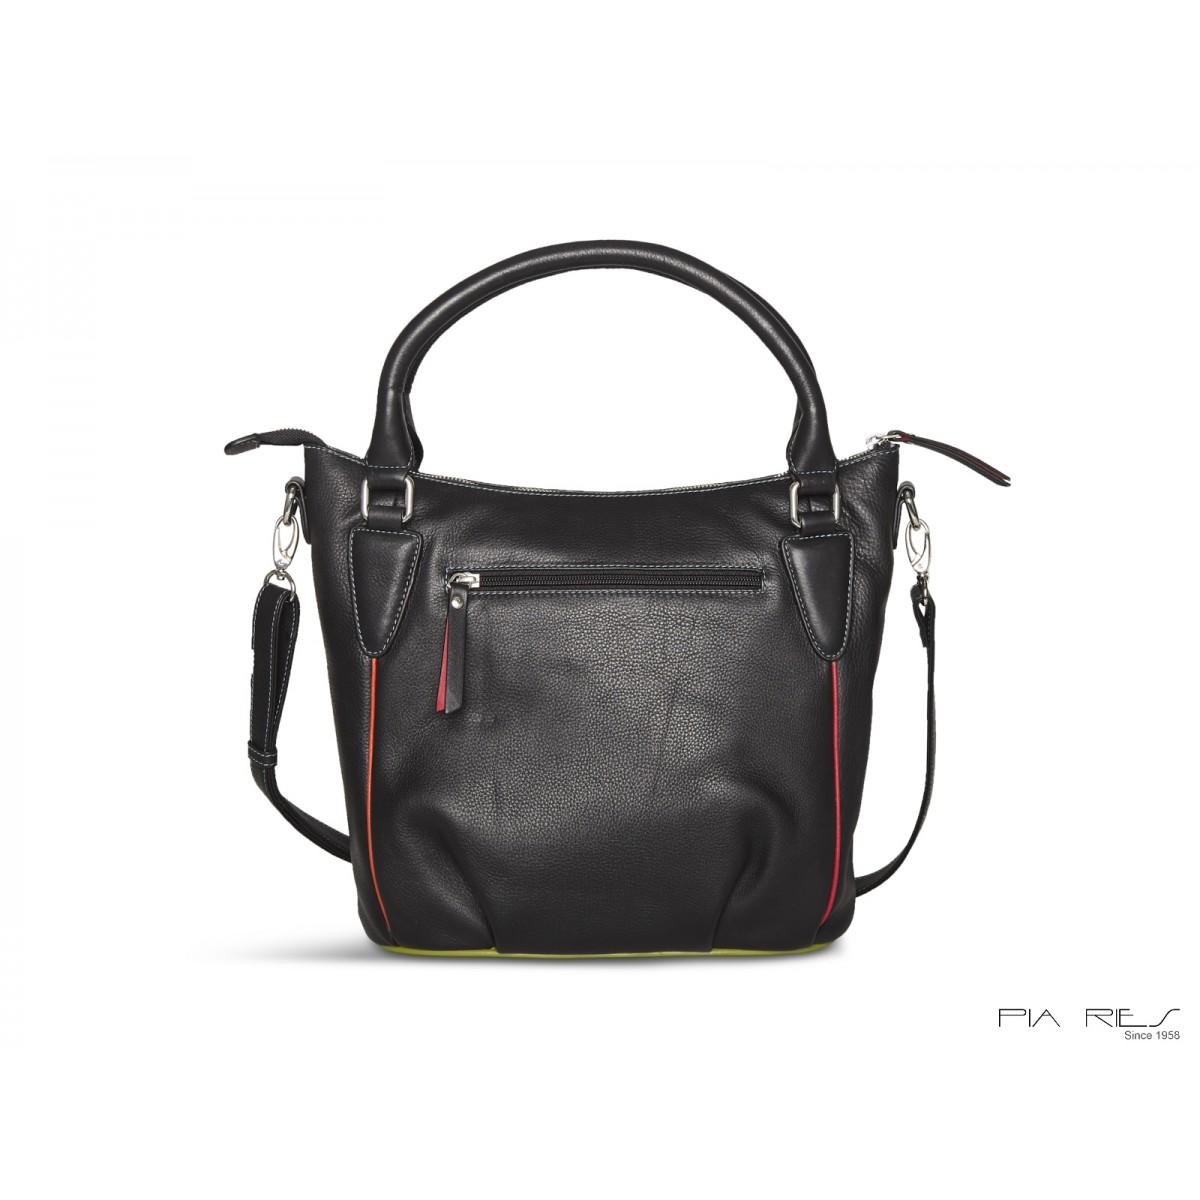 Tropical håndtaske med lang skulderrem-36